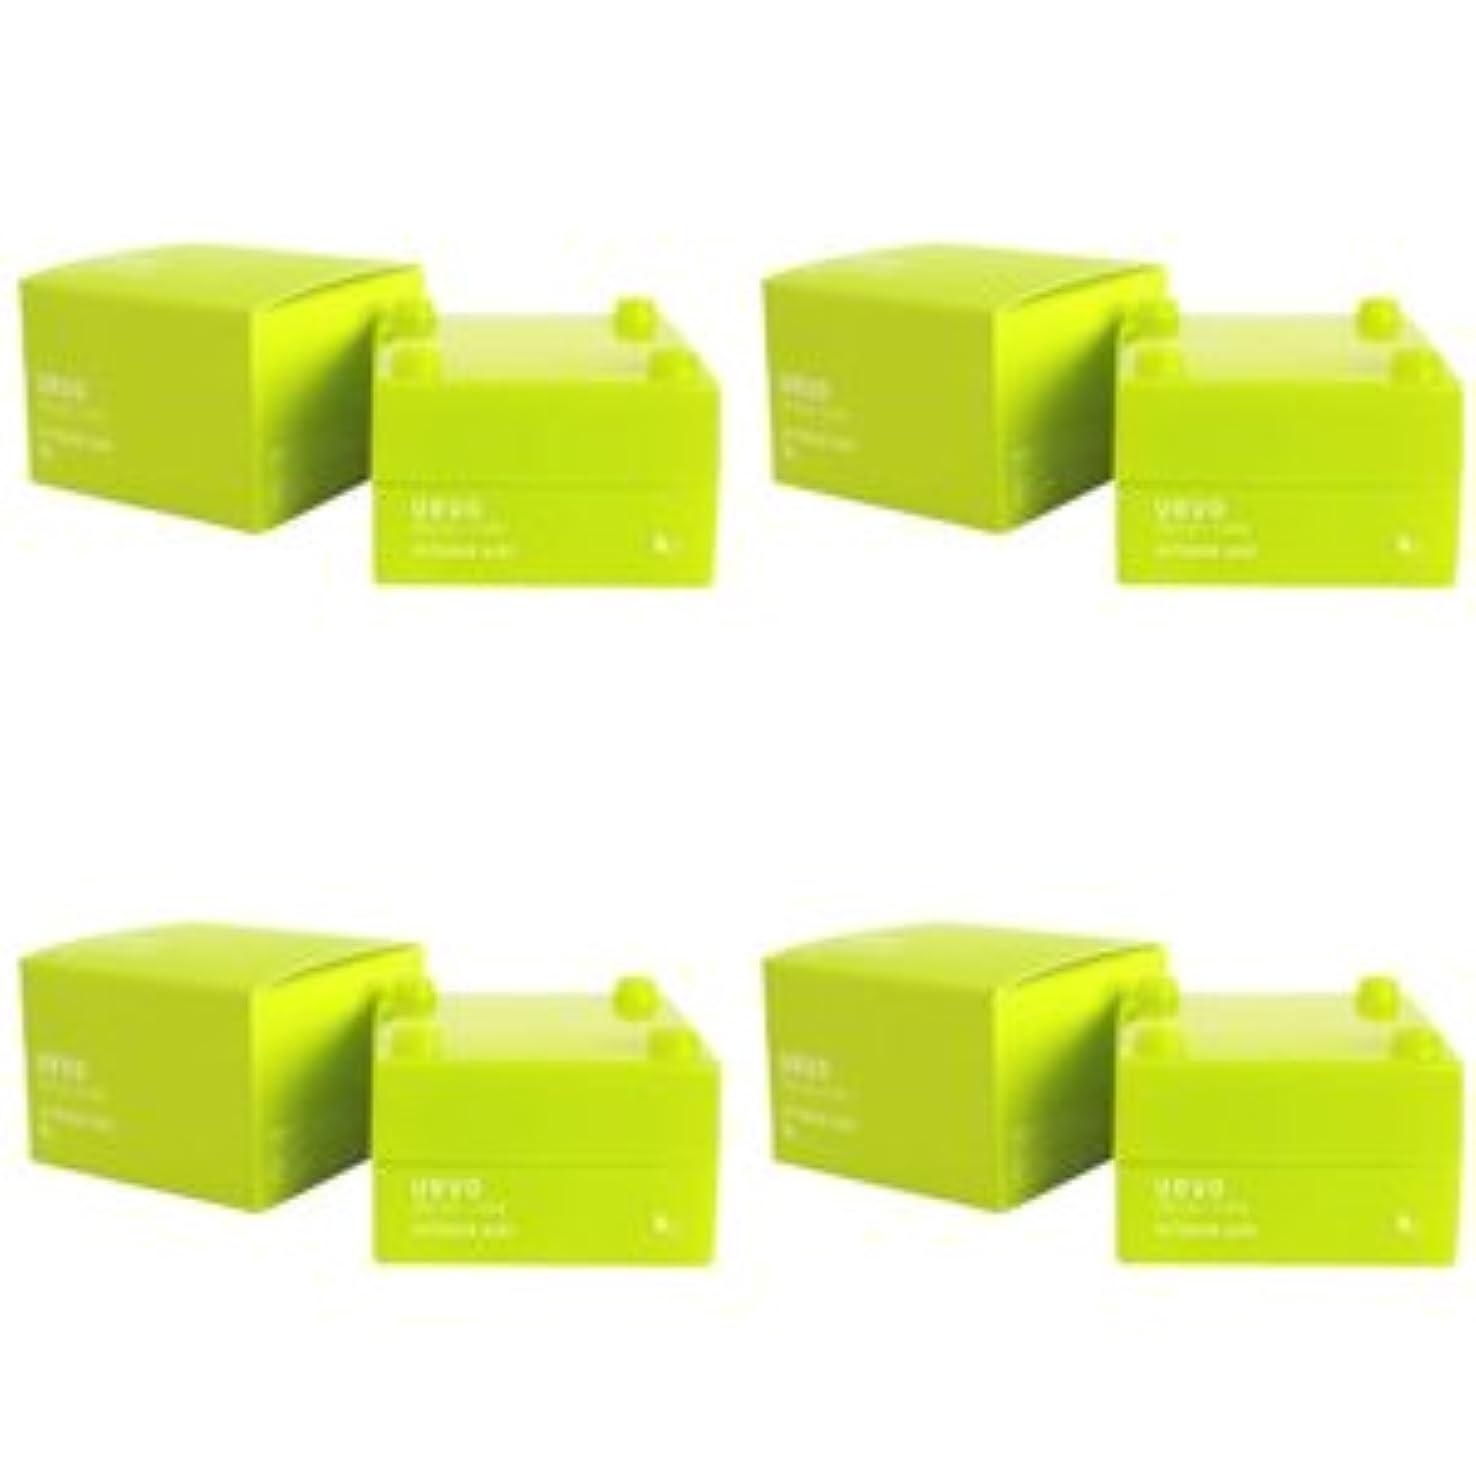 夢中チャールズキージング蛾【X4個セット】 デミ ウェーボ デザインキューブ エアルーズワックス 30g airloose wax DEMI uevo design cube